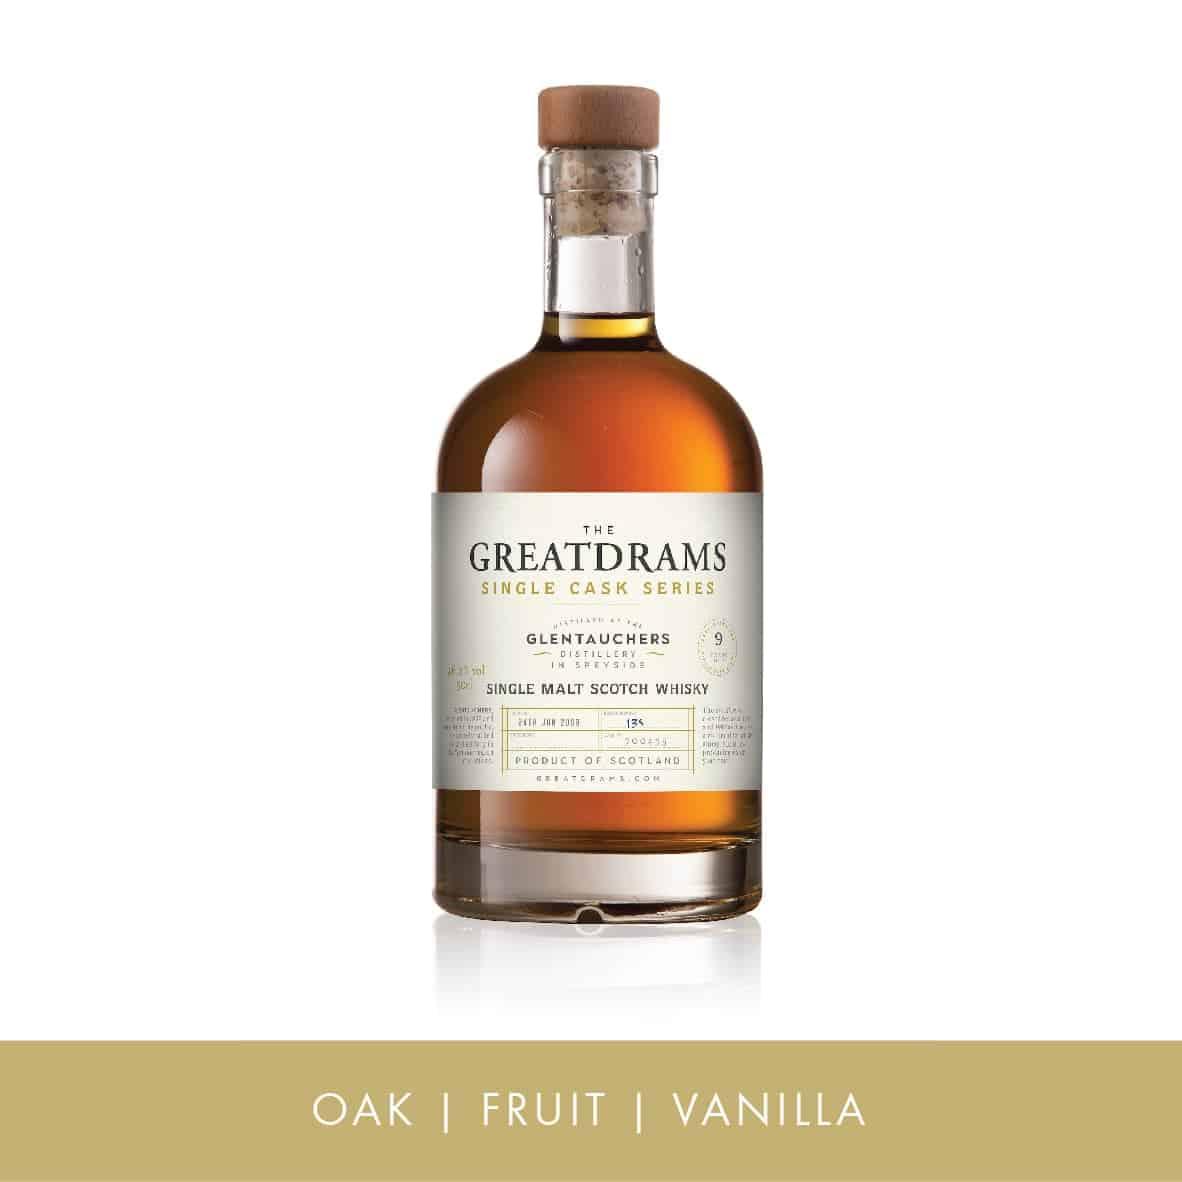 Glentauchers Single Cask Single Malt Scotch Whisky